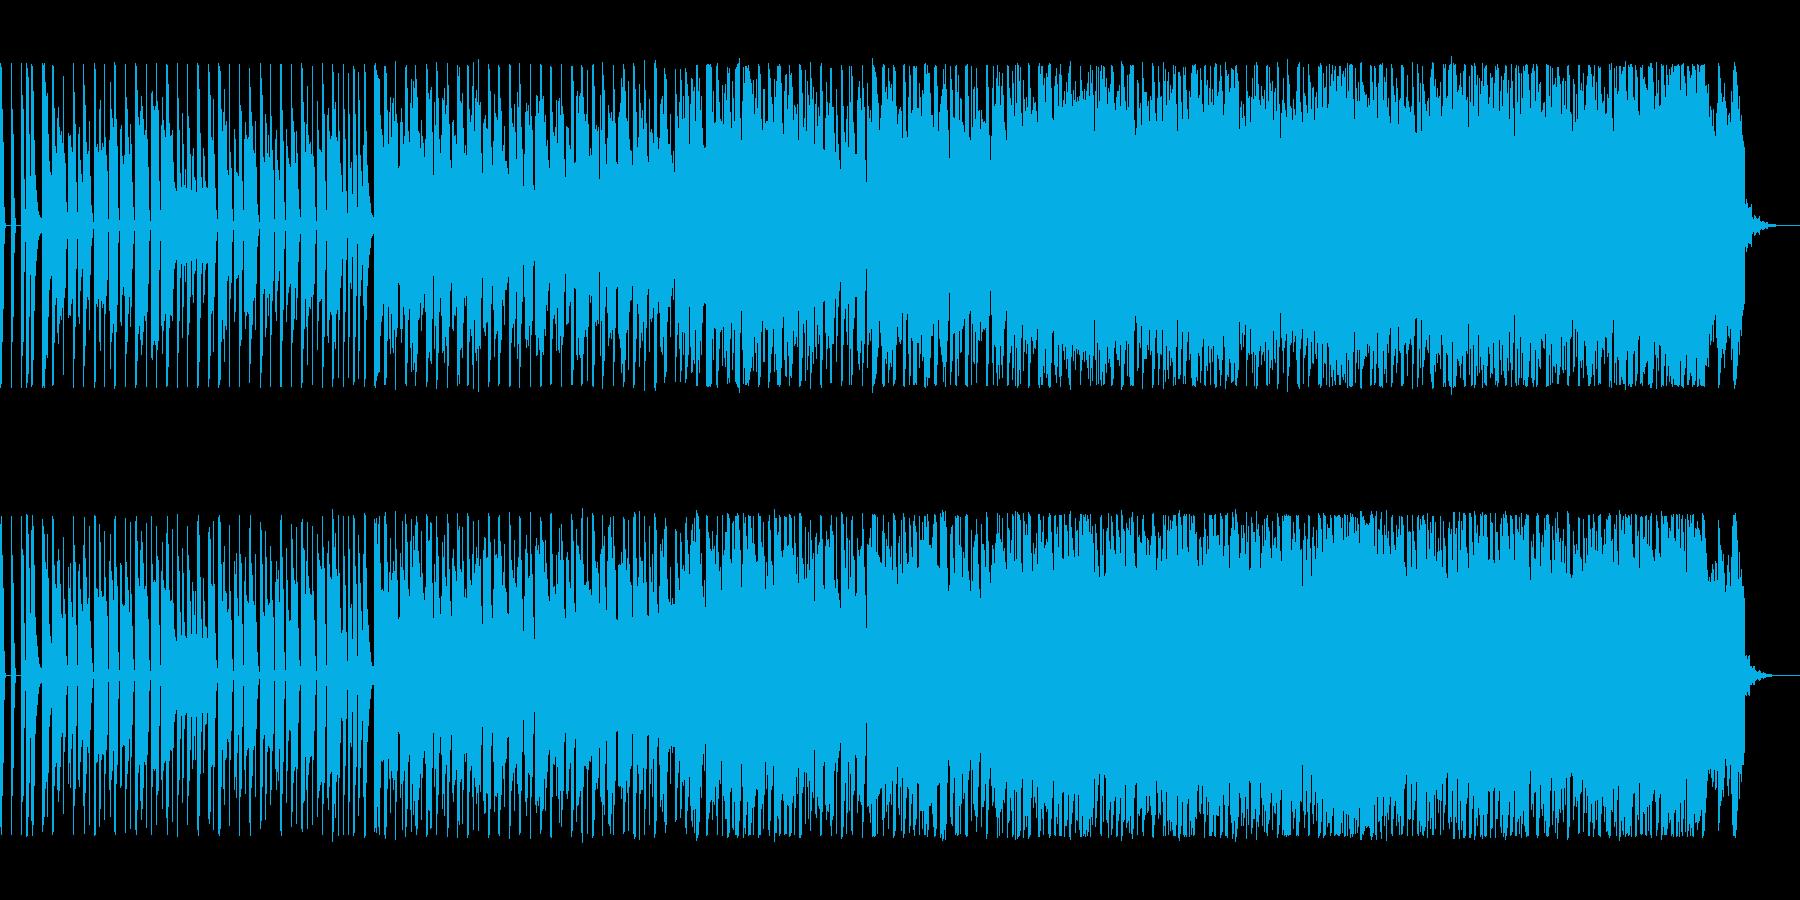 とてもリズムに乗りやすいテクノの再生済みの波形